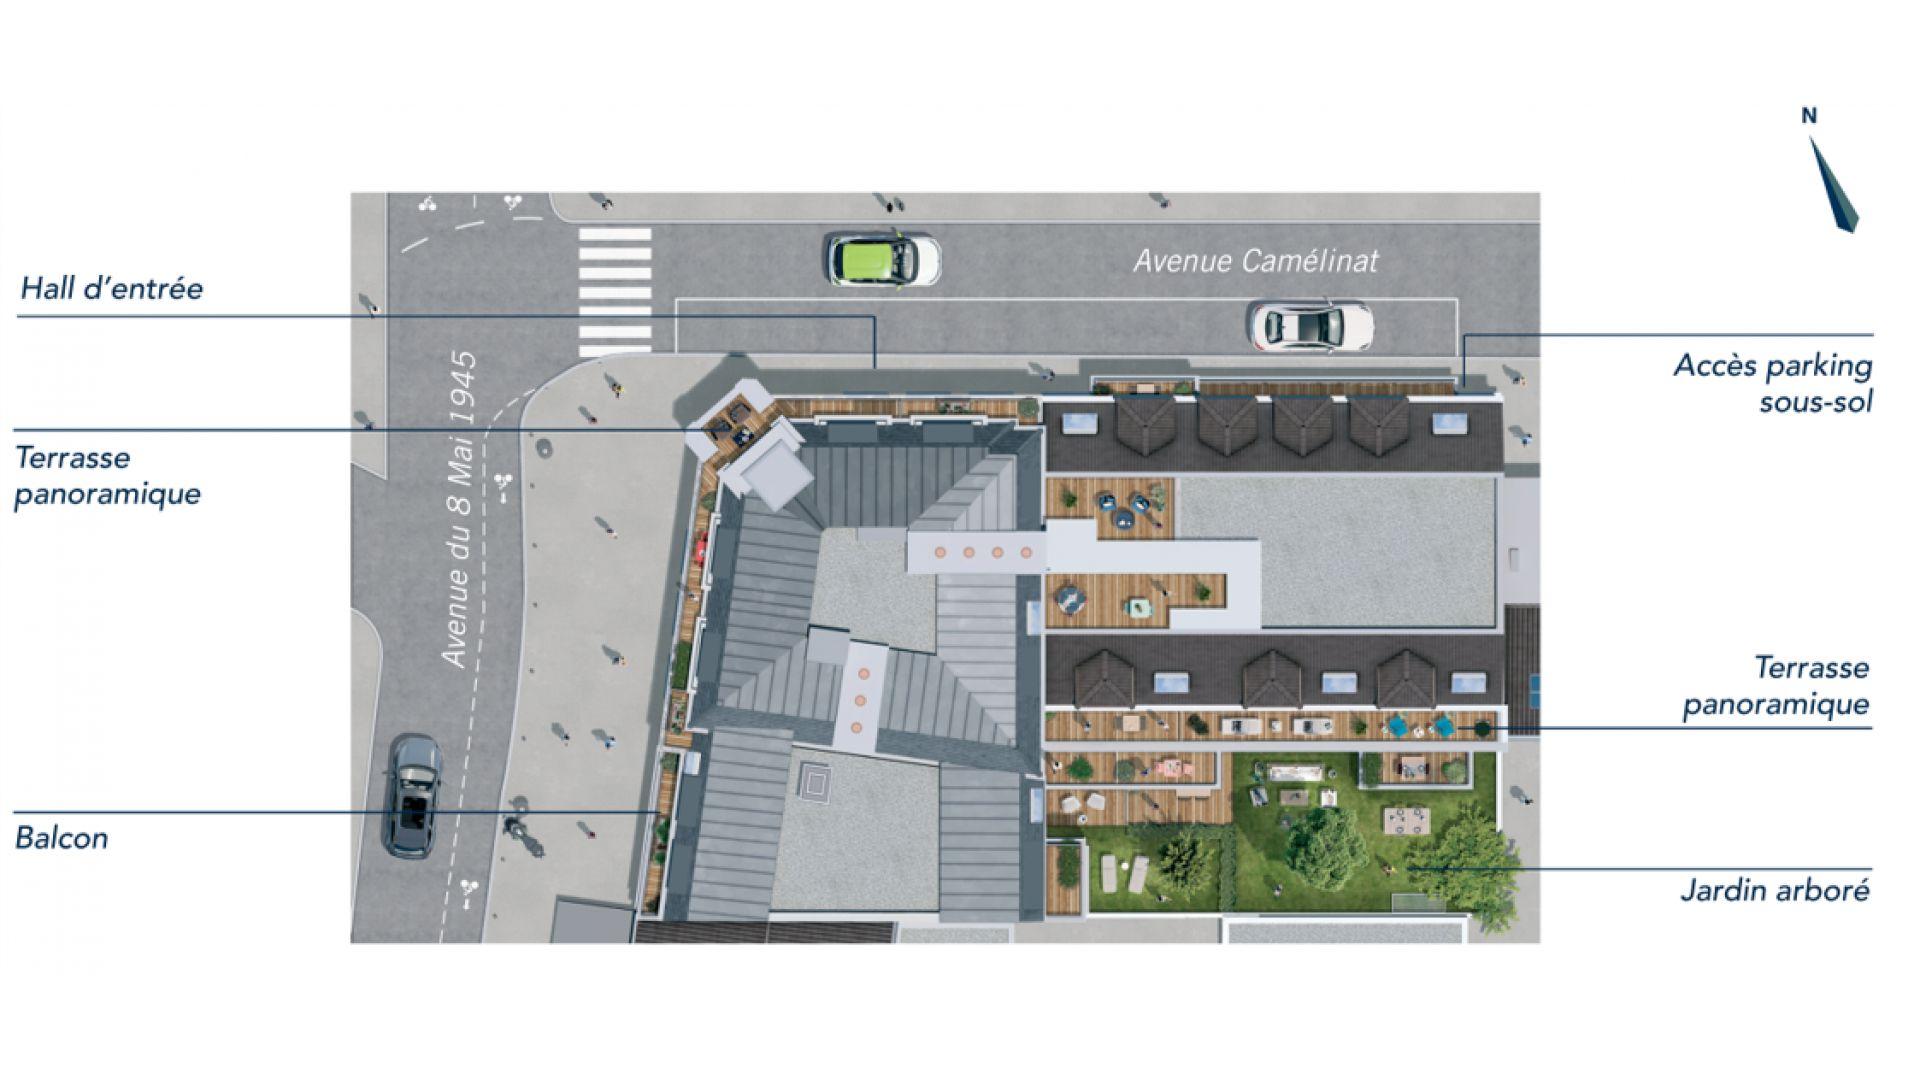 Greencity Immobilier - Résidence Le 122 Aéropostale - 93150 Le Blanc Mesnil - A vendre appartement du T1 bis au T4 Duplex - plan de masse